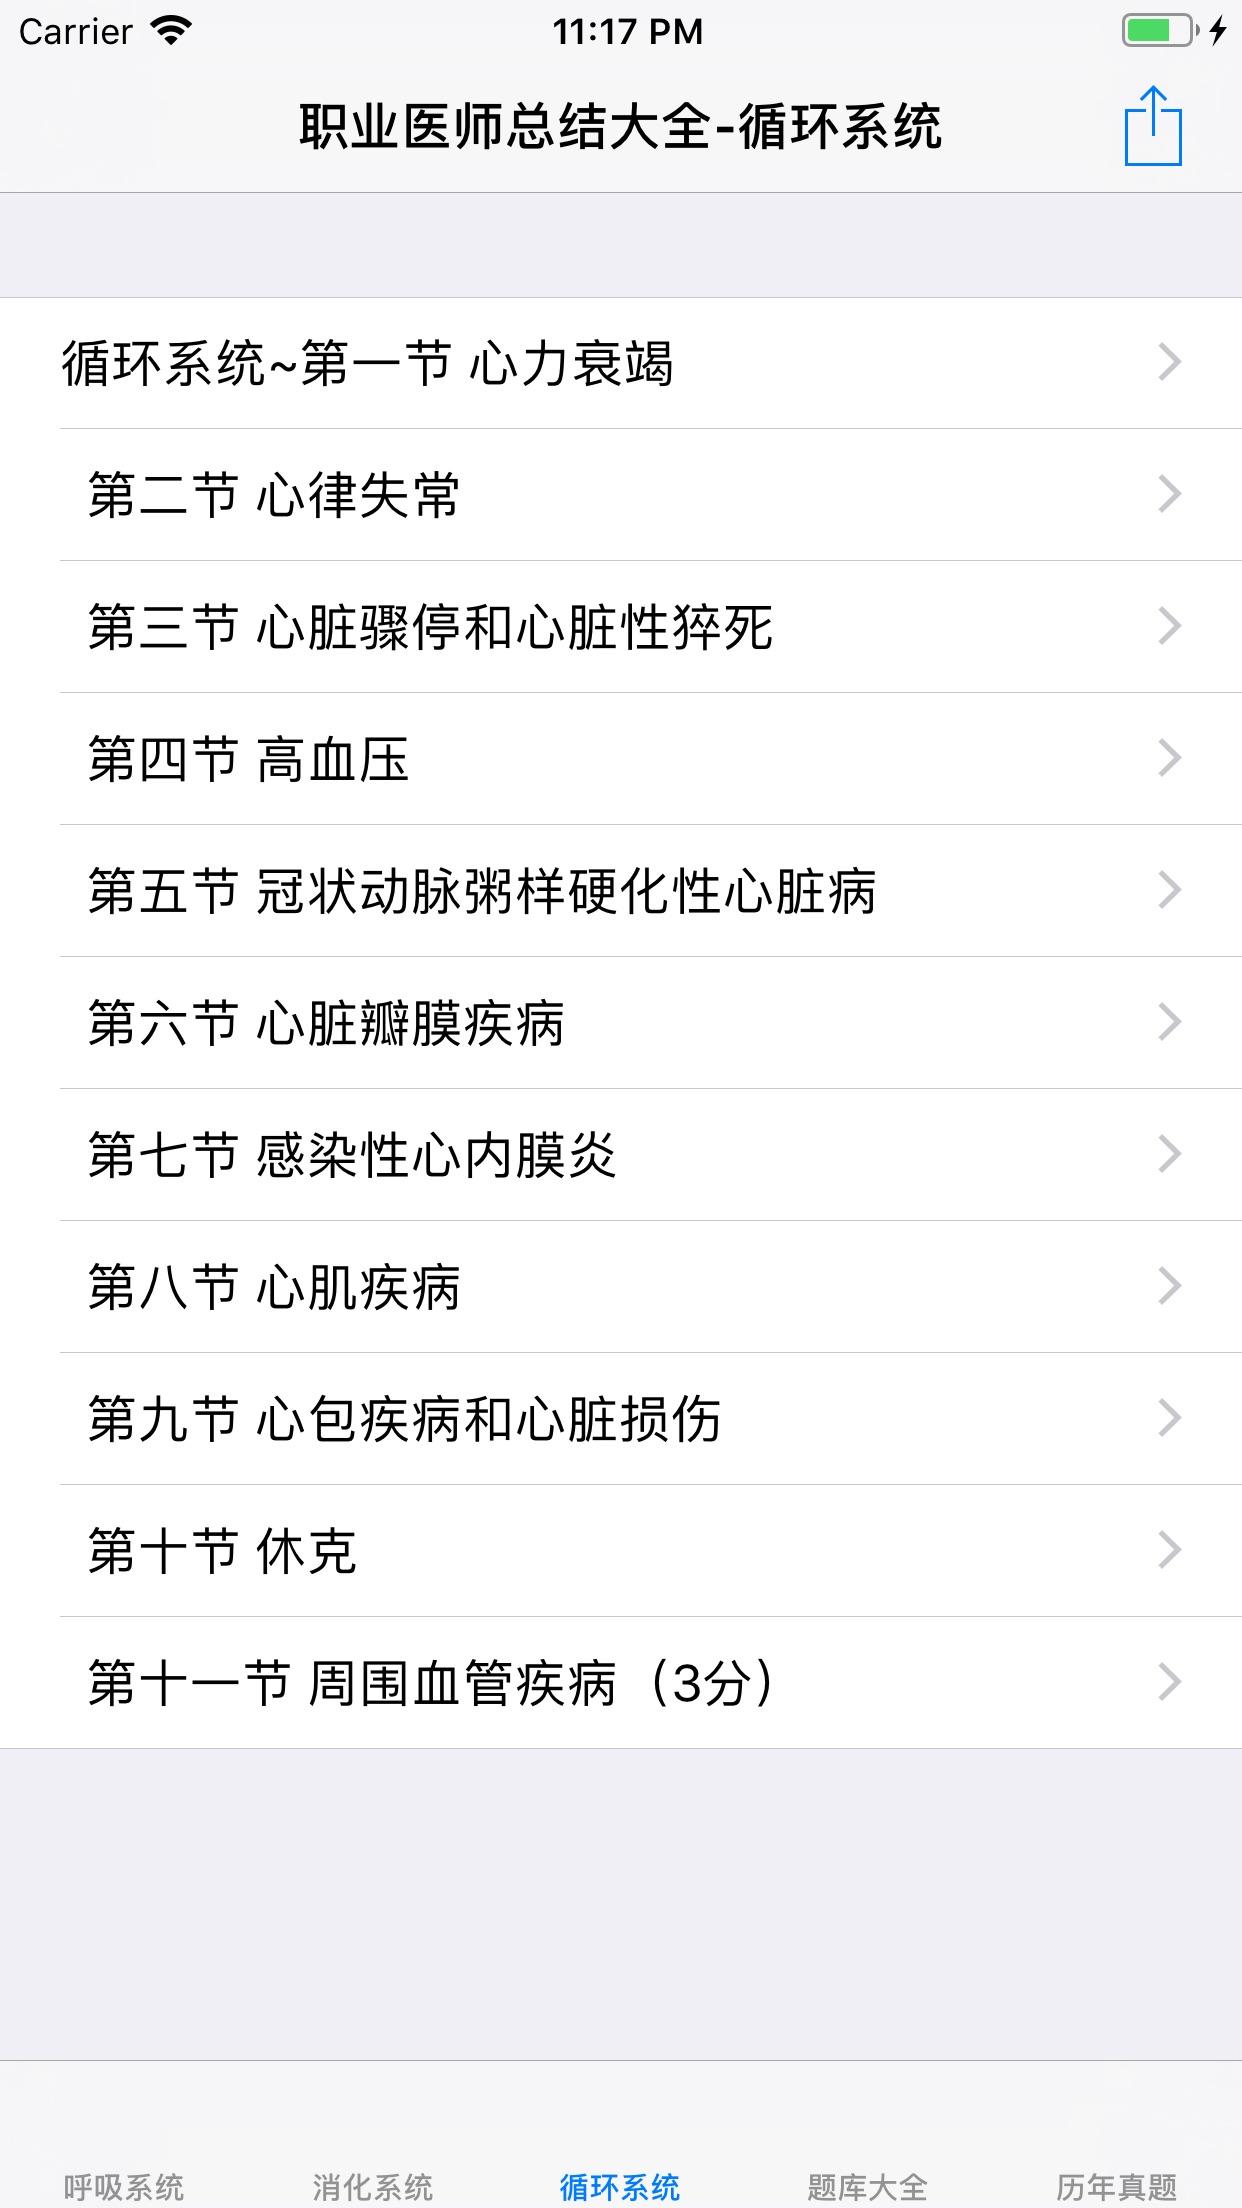 职业医师考试真题、知识点总结大全 Screenshot